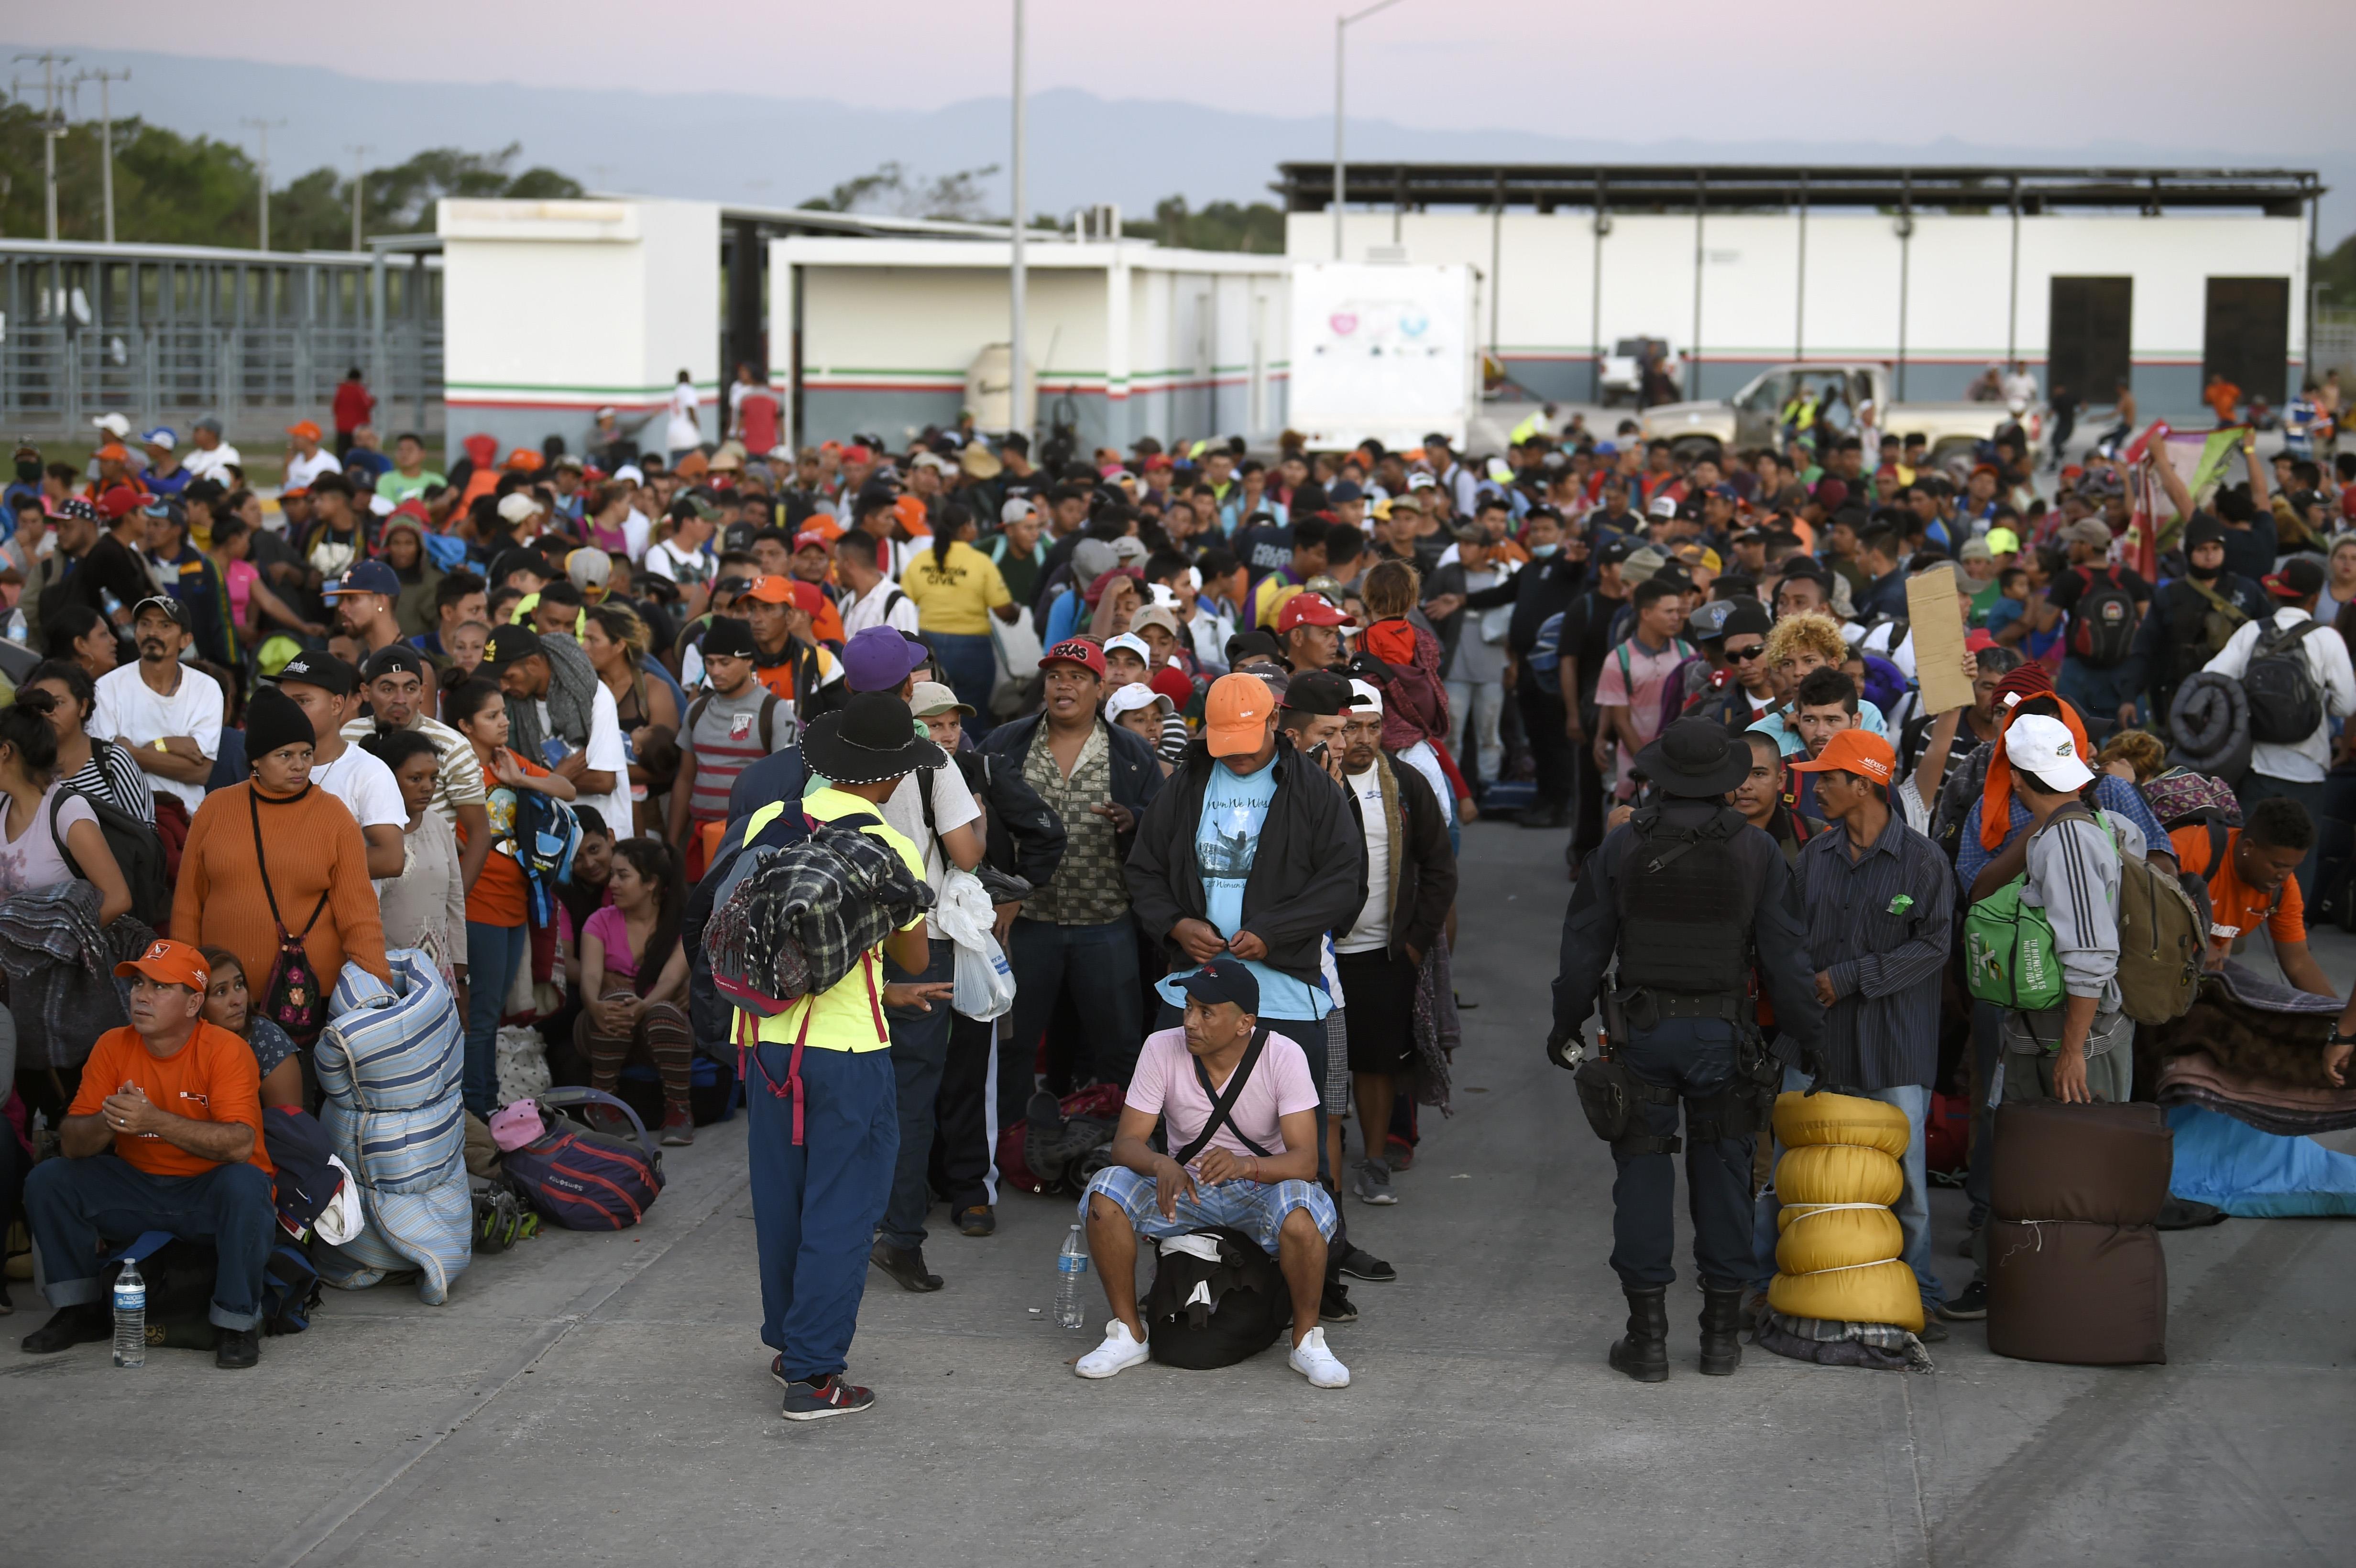 Des migrants d'Amérique centrale qui se dirigent vers les États-Unis attendent des autobus à la station phytosanitaire de La Concha, dans l'État du Sinaloa, au Mexique, le 13 novembre 2018.